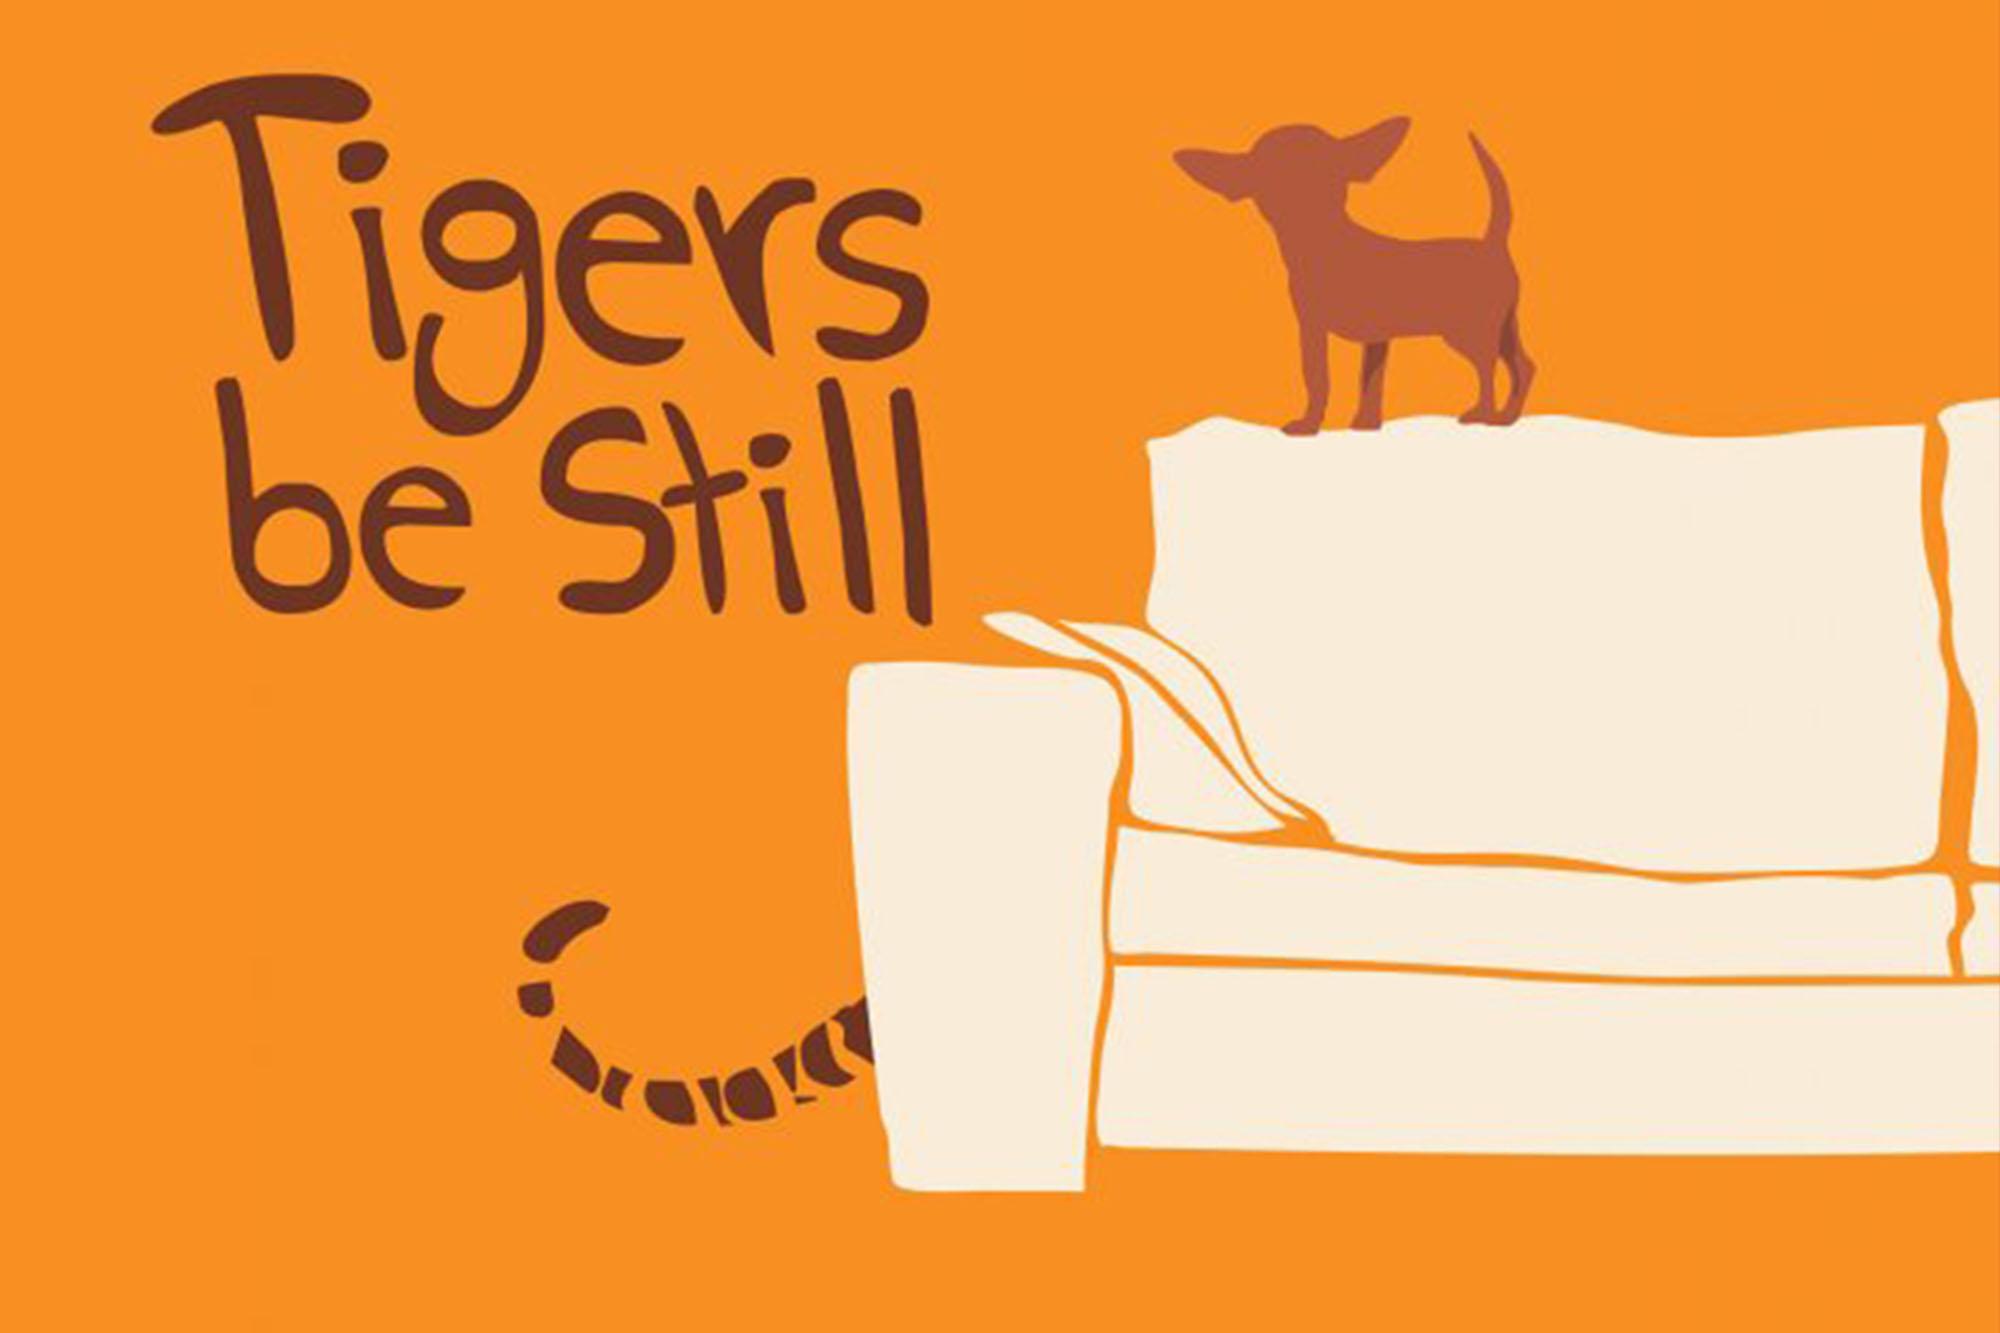 Tigers_Art_960x640